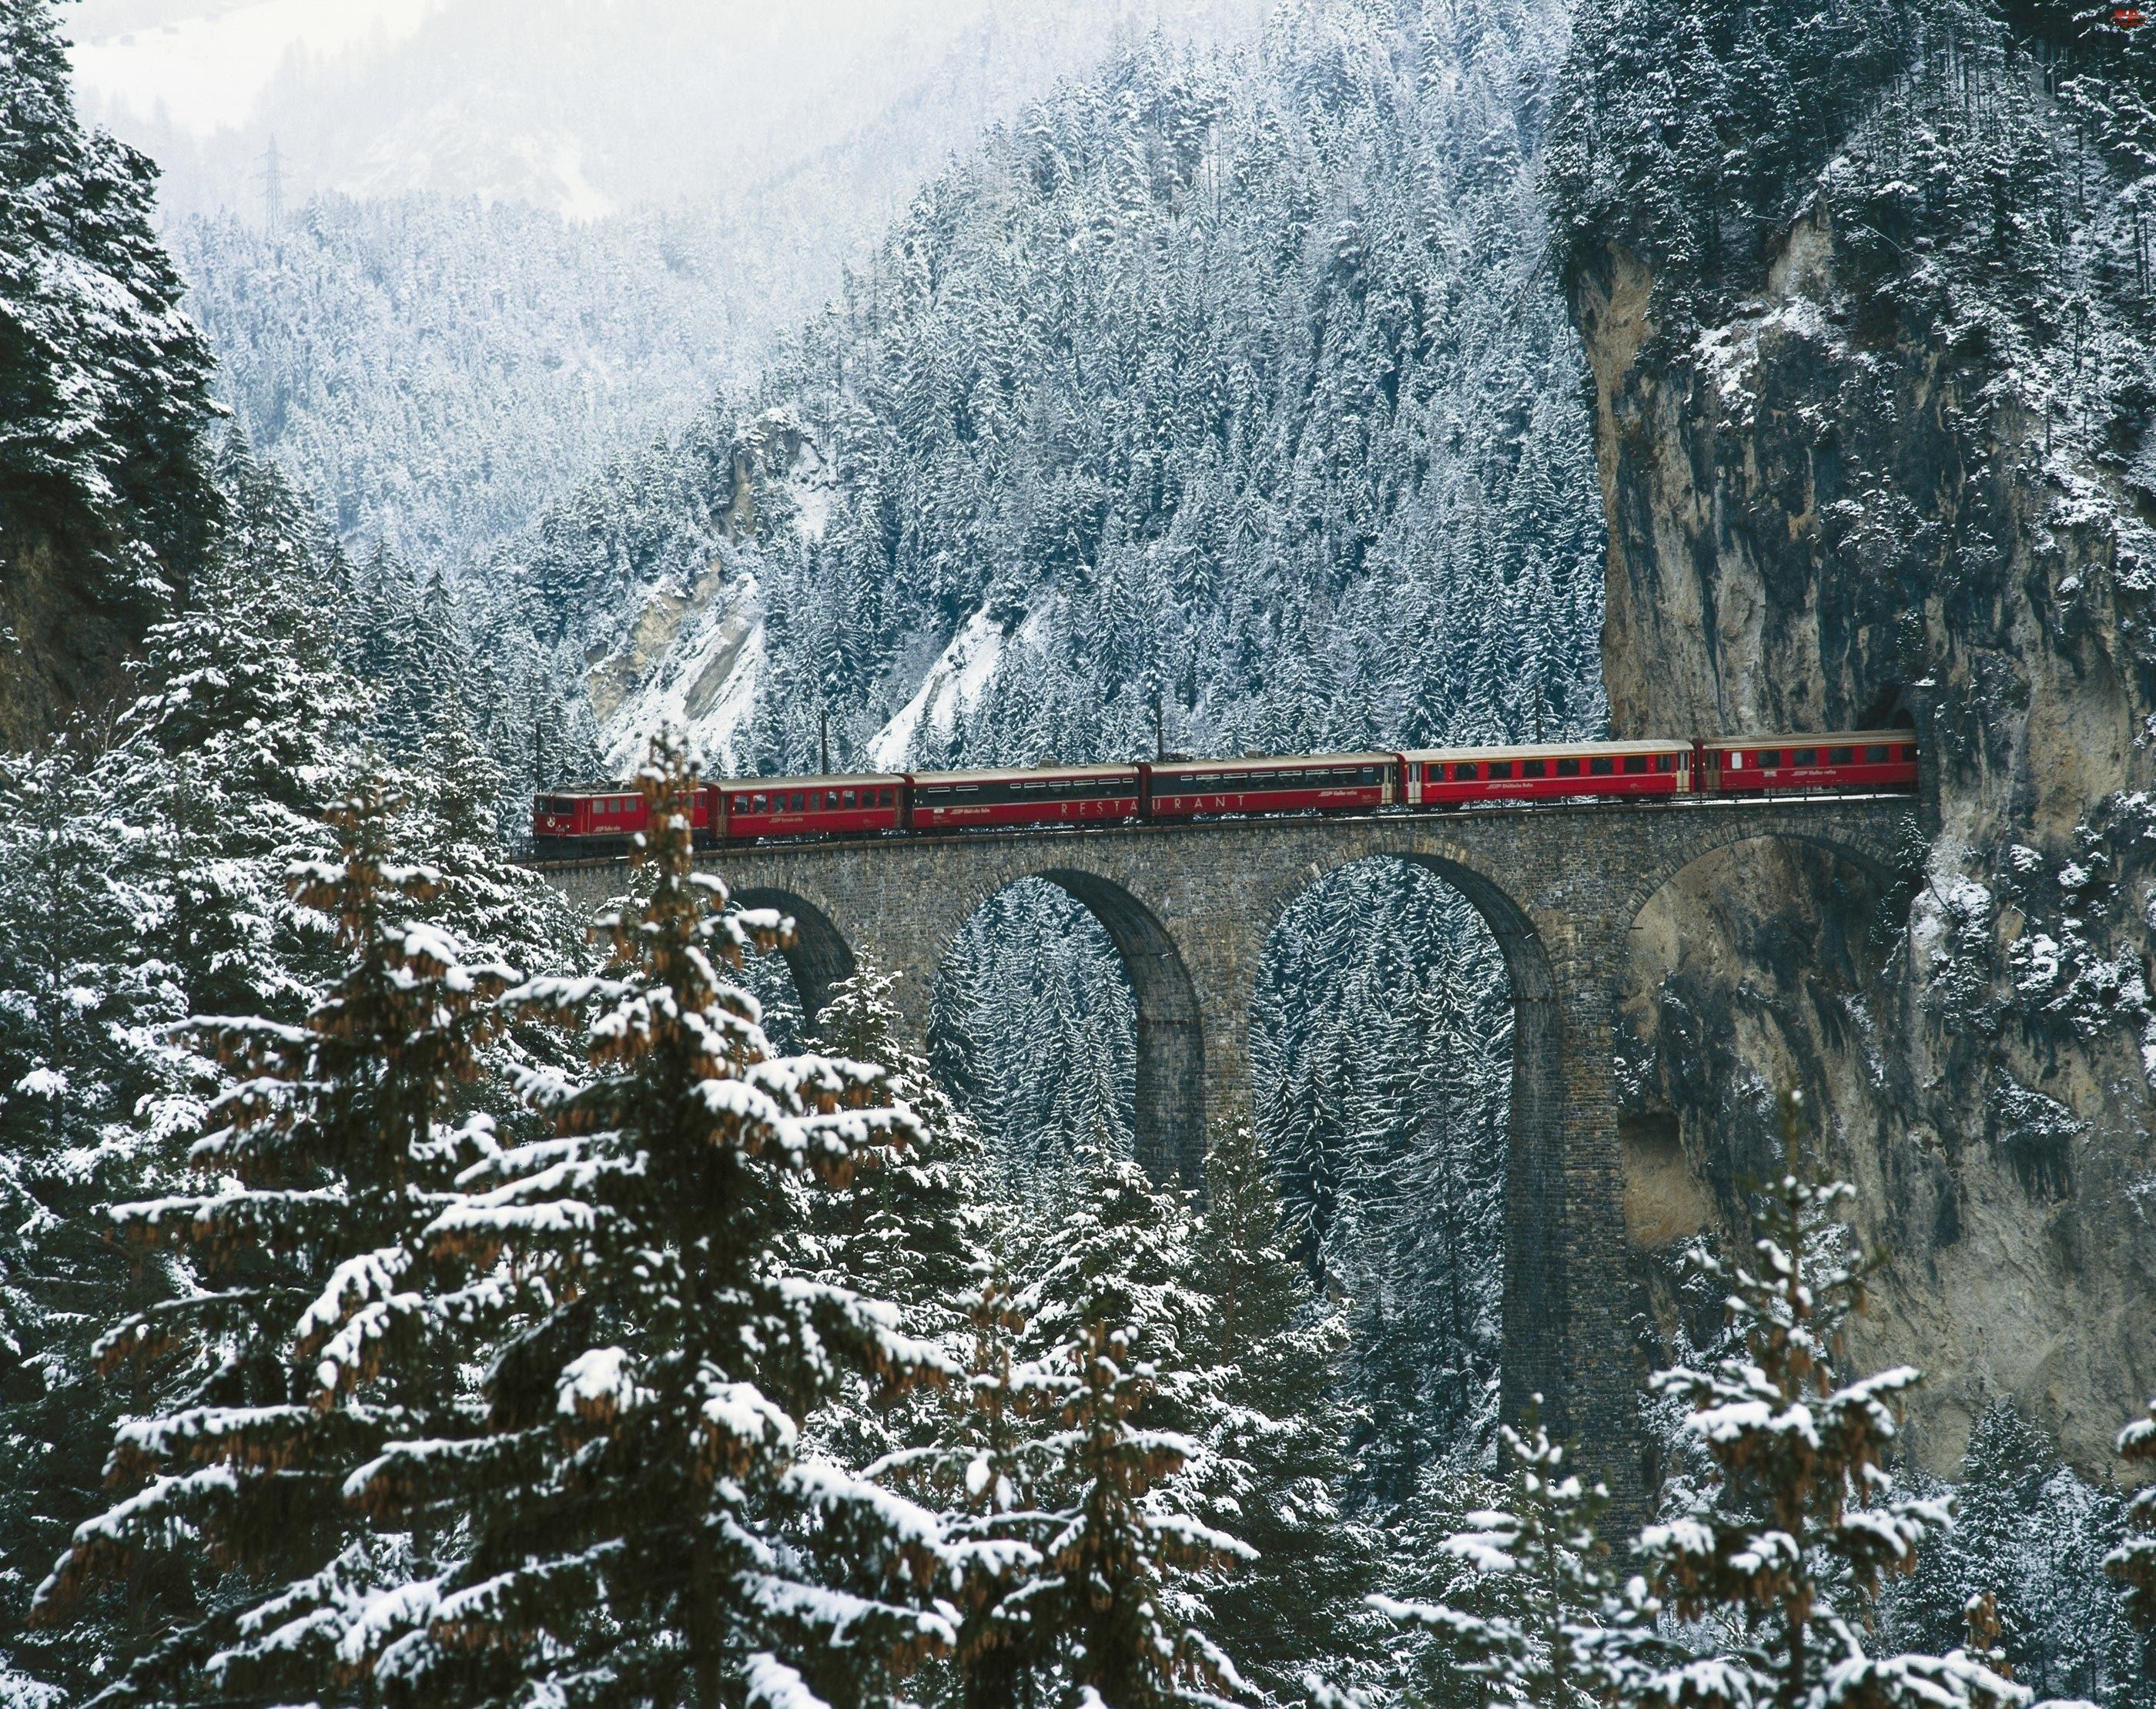 Zima, Góry, Tunel, Las, Pociąg